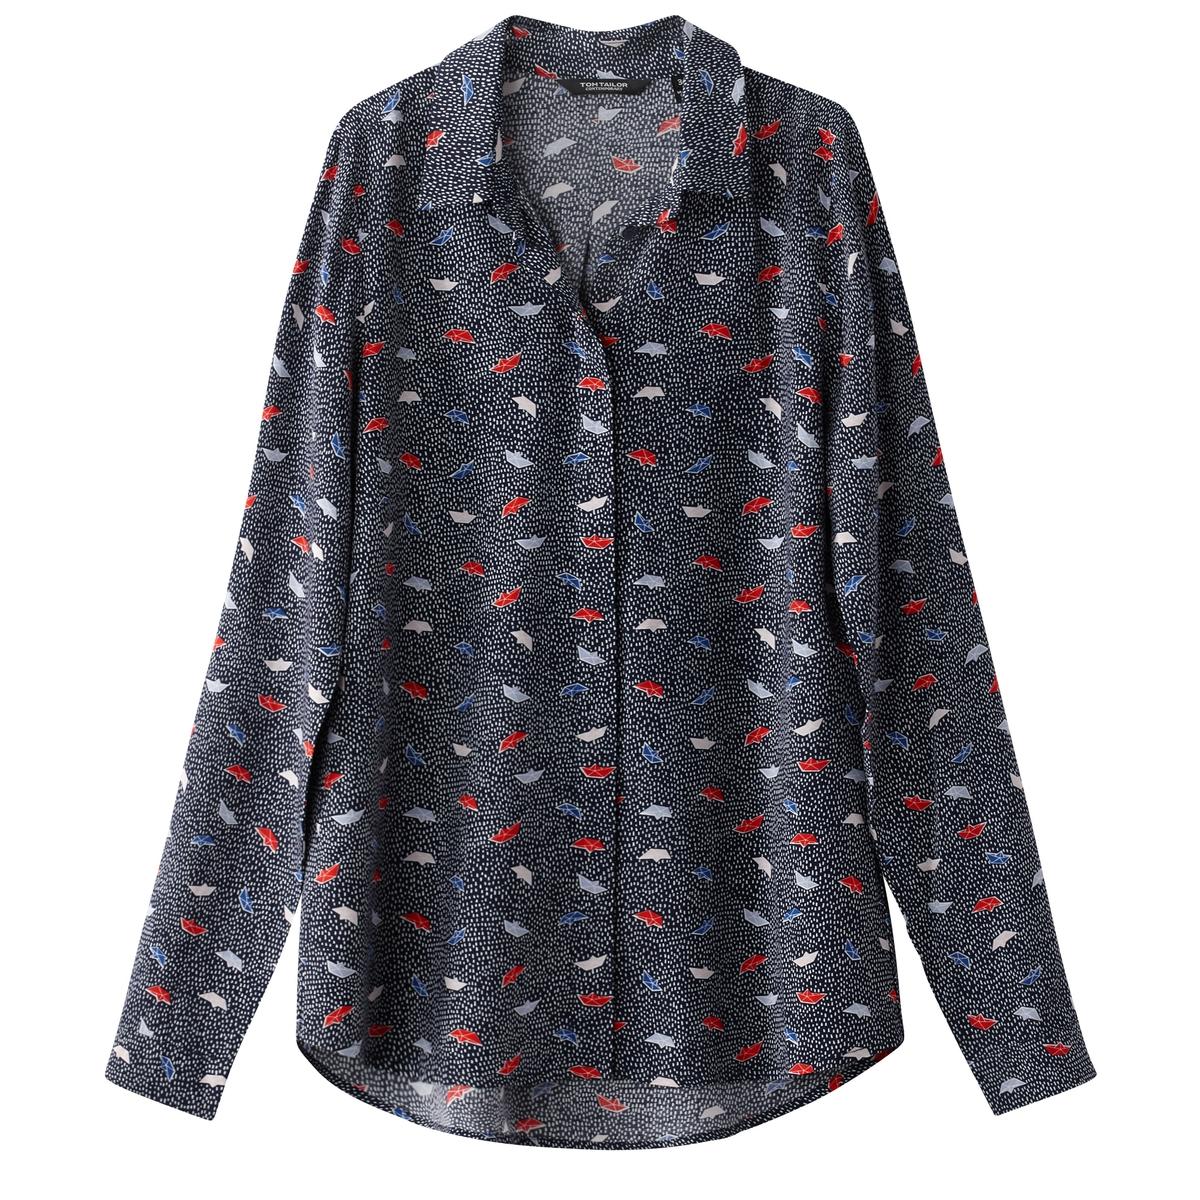 Рубашка с принтом оригами и вышивкой гладьюМатериал : 100% вискоза  Покрой : прямой Длина рукава : длинные рукава Форма воротника : воротник-поло, рубашечный Длина блузки : стандартная Покрой : прямой Рисунок : принт<br><br>Цвет: темно-синий<br>Размер: 40 (FR) - 46 (RUS).38 (FR) - 44 (RUS)